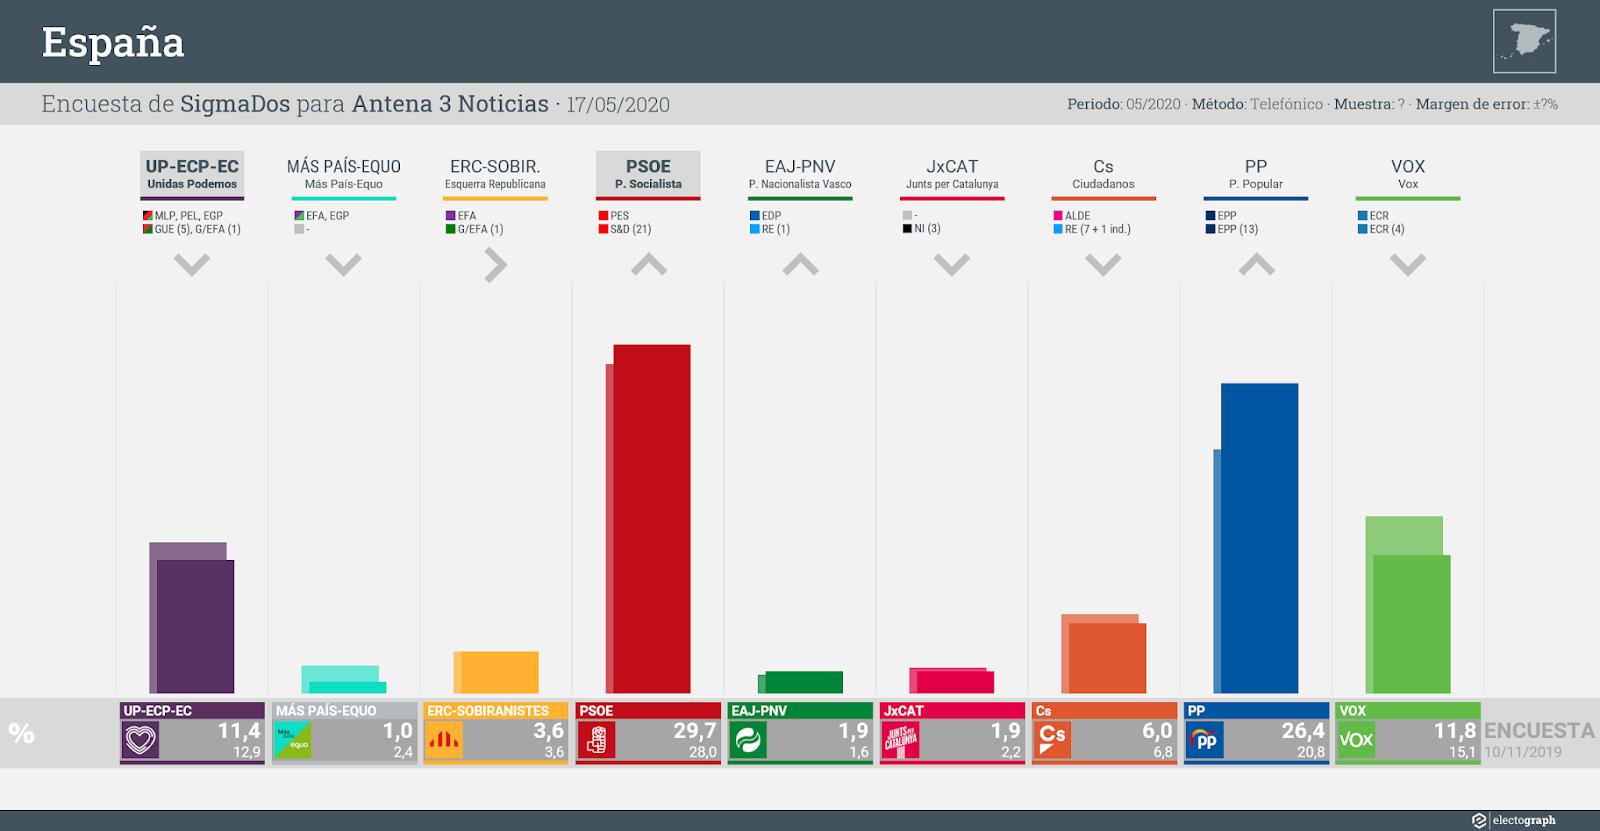 Gráfico de la encuesta para elecciones generales en España realizada por SigmaDos para Antena 3 Noticias, 17 de mayo de 2020